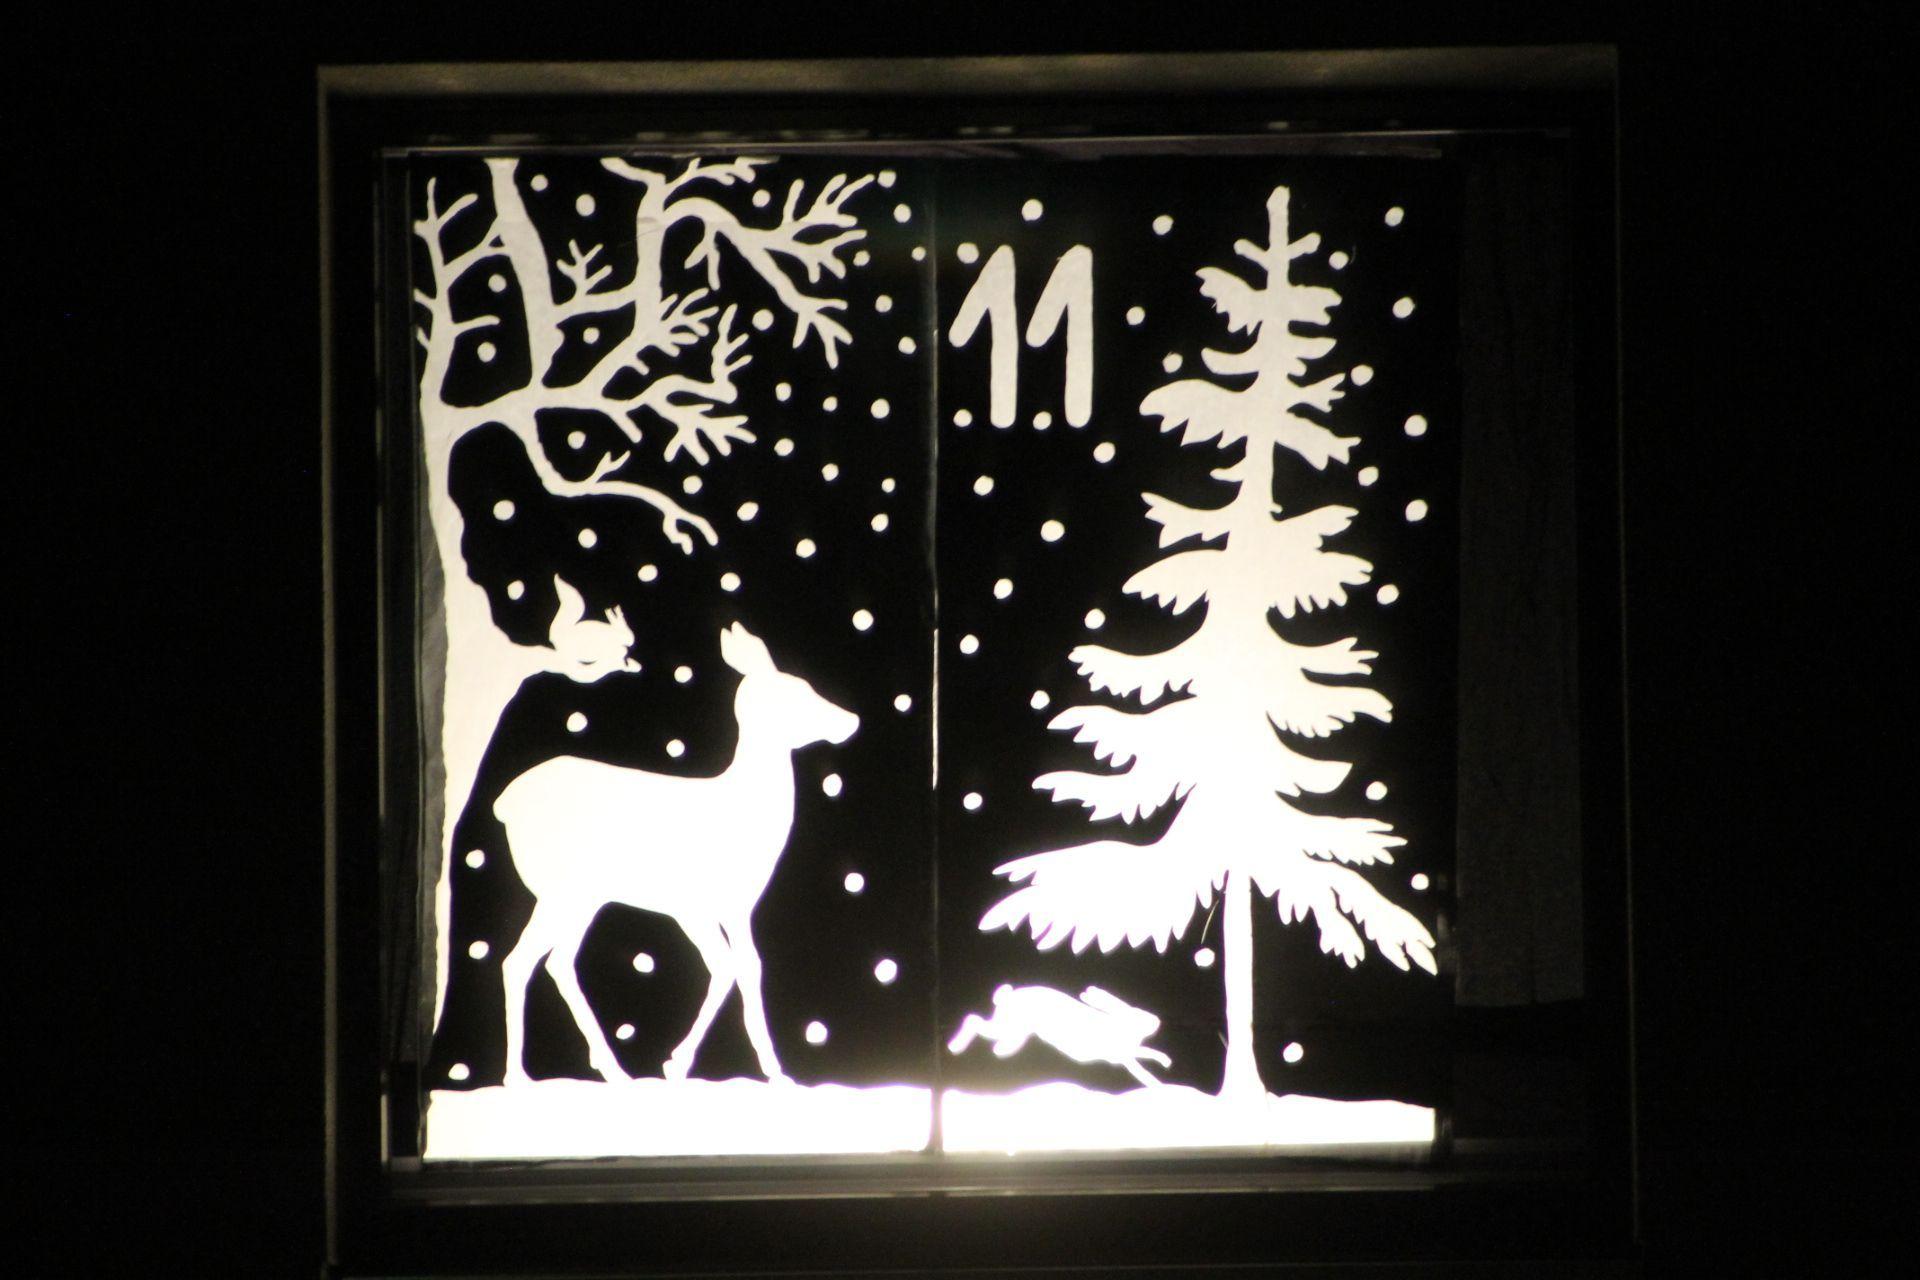 bildergebnis für adventsfenster vorlagen  adventsfenster